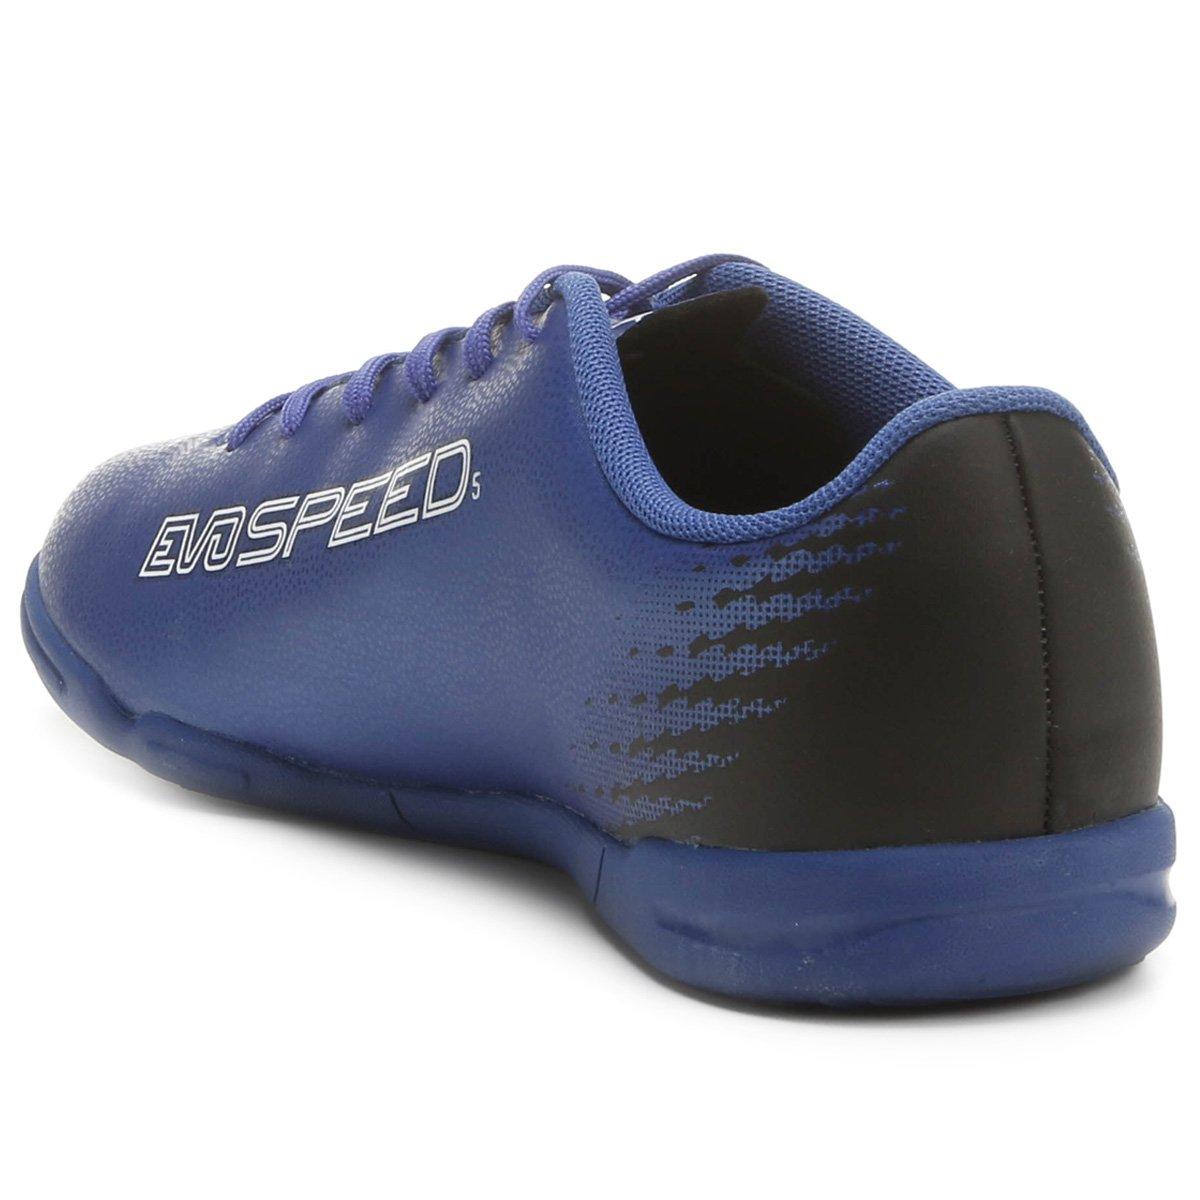 Evospeed IT Azul Branco Chuteira 5 Futsal Puma 17 Masculina e XyaKREAqRv